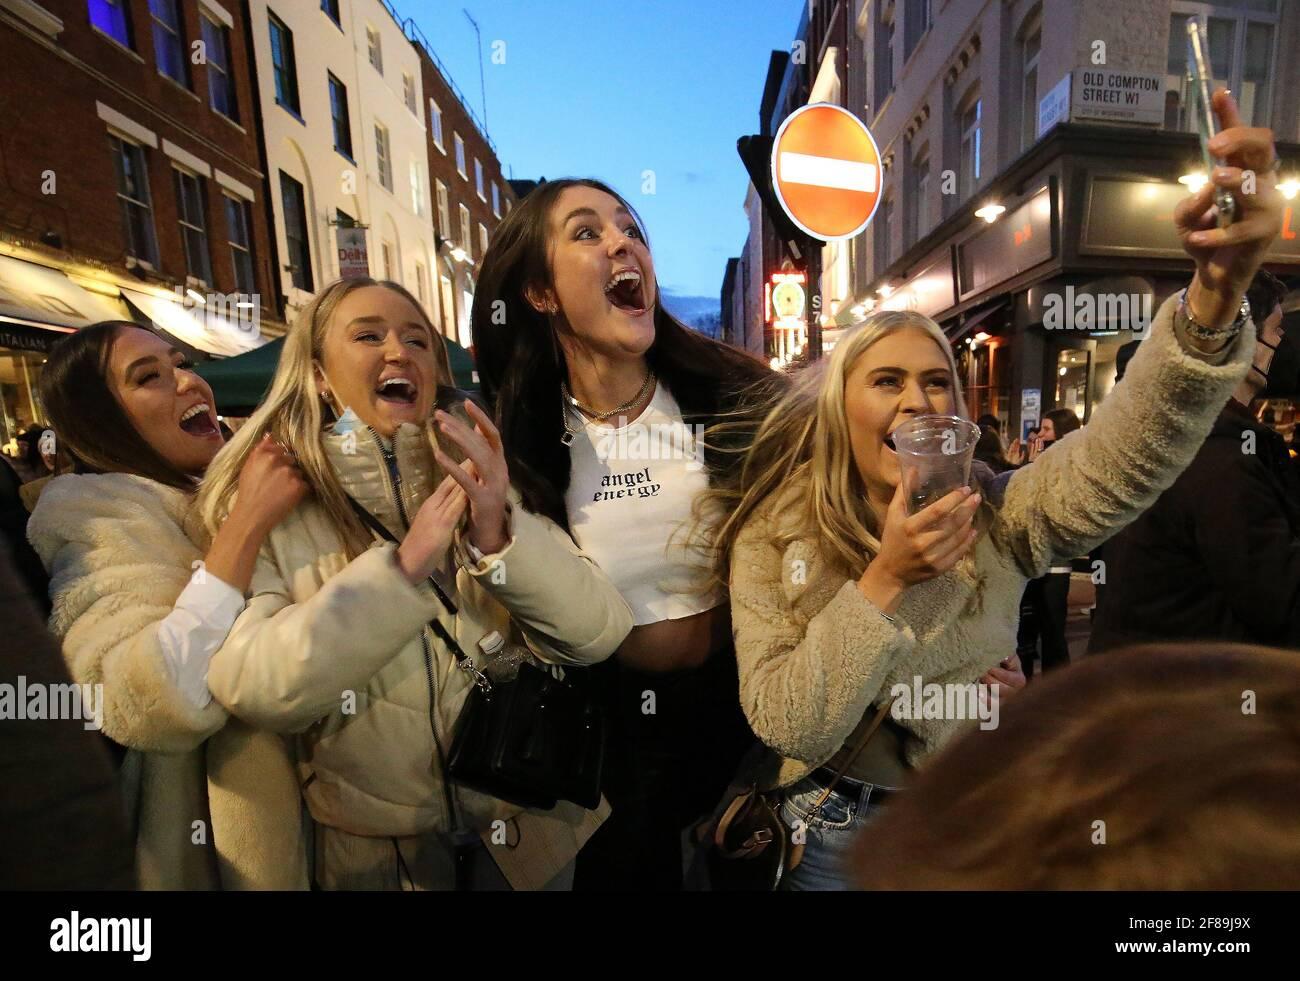 Les gens se réjouissent d'être sortis pour la soirée dans Old Compton Street, Soho, dans le centre de Londres, où les rues ont été fermées à la circulation pour créer des espaces extérieurs pour les bars et restaurants qui rouvrent tandis que l'Angleterre repart vers la normalité avec un assouplissement supplémentaire des restrictions de confinement. Date de la photo: Lundi 12 avril 2021. Banque D'Images